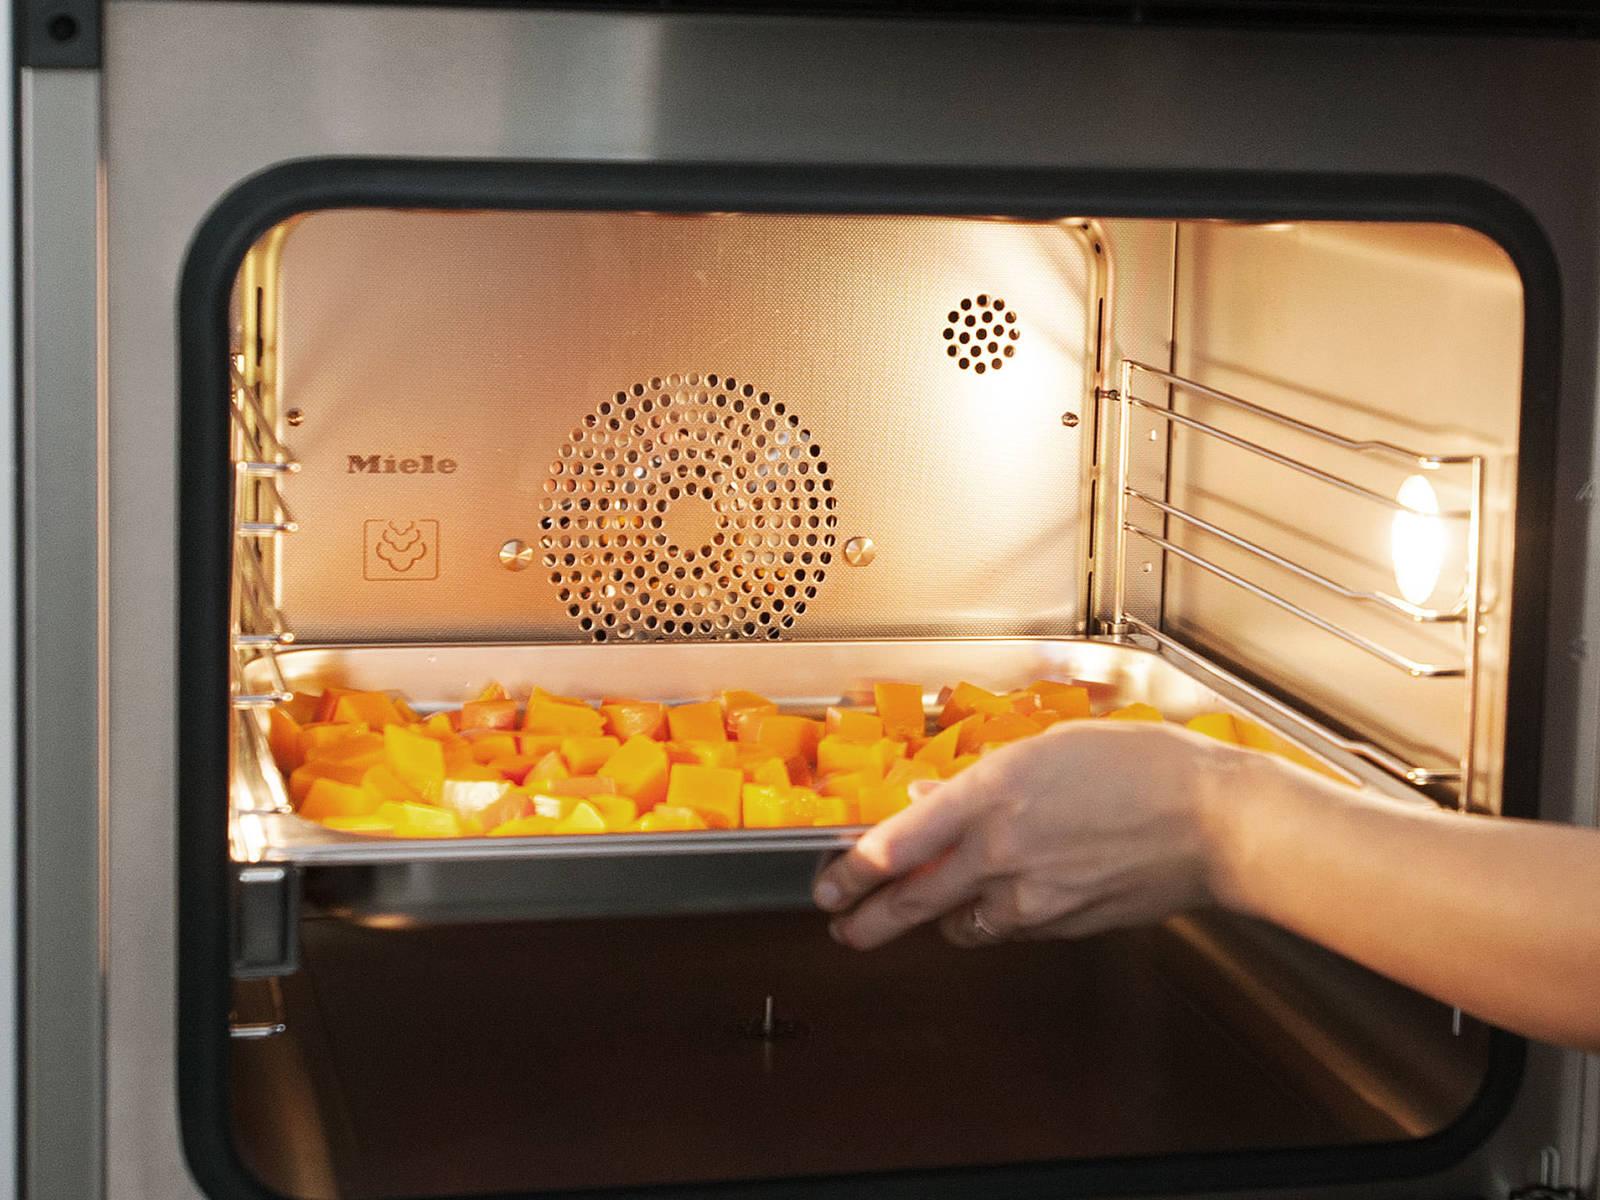 制作南瓜汤:南瓜去籽,切块。放入有洞的蒸盘里,设置100度,蒸8分钟。